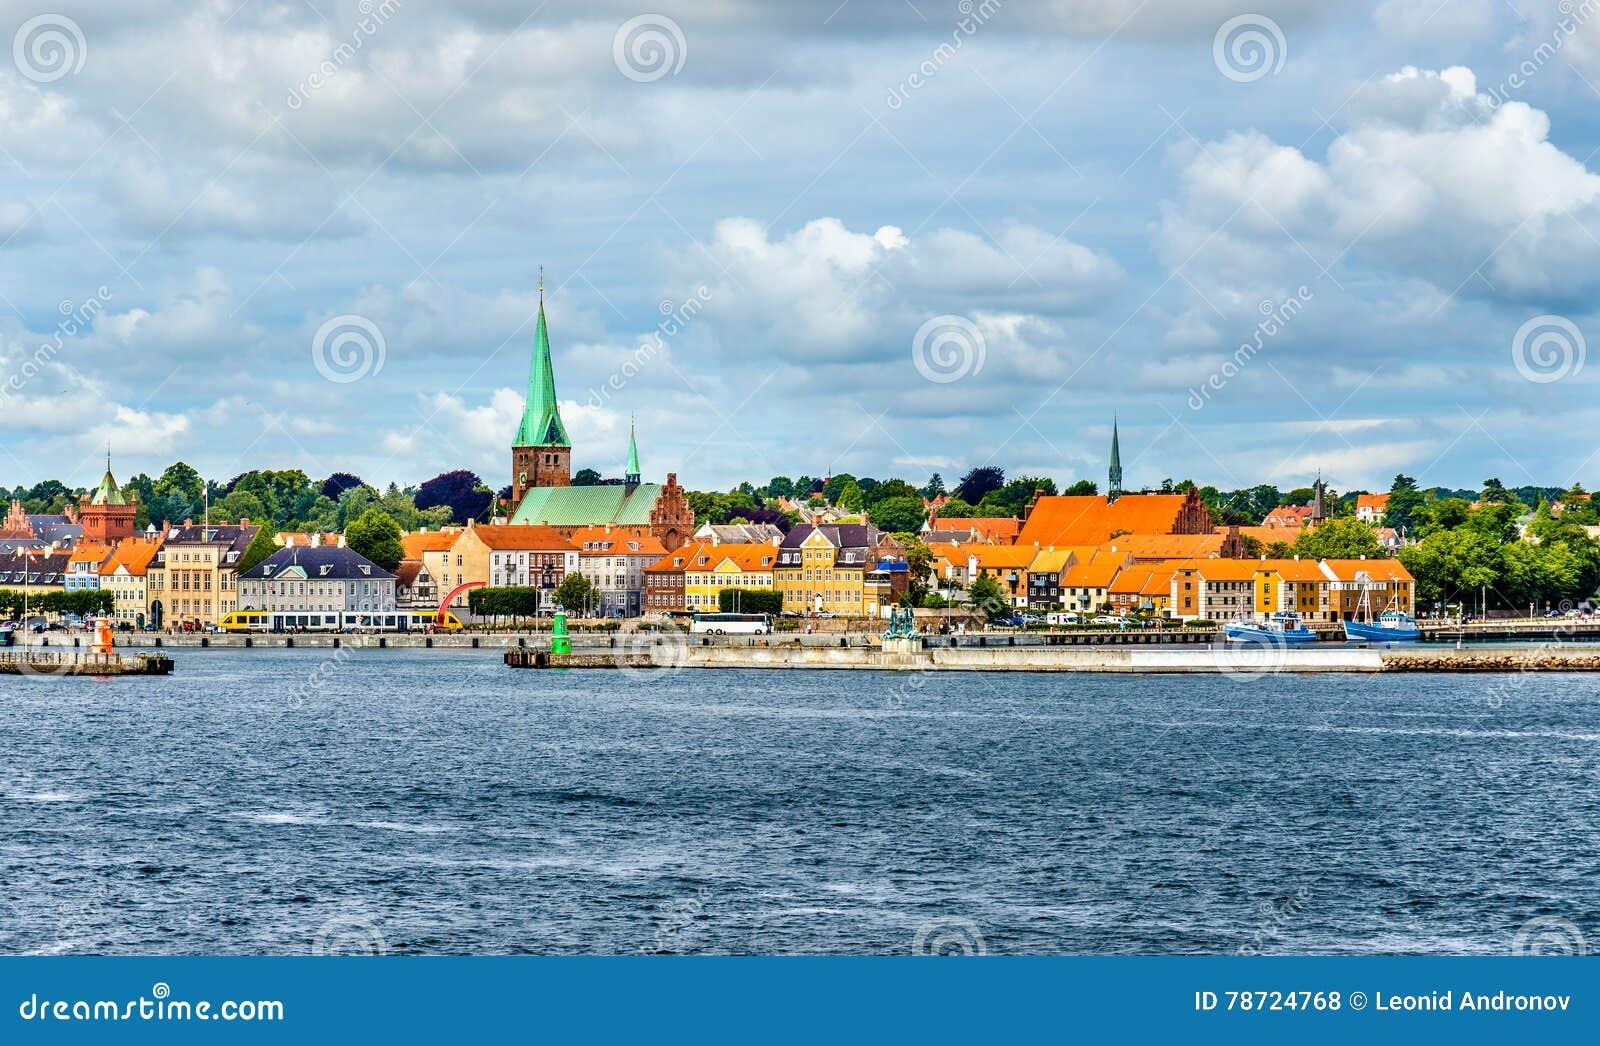 赫尔新哥或Elsinore看法从厄勒海峡海峡-丹麦